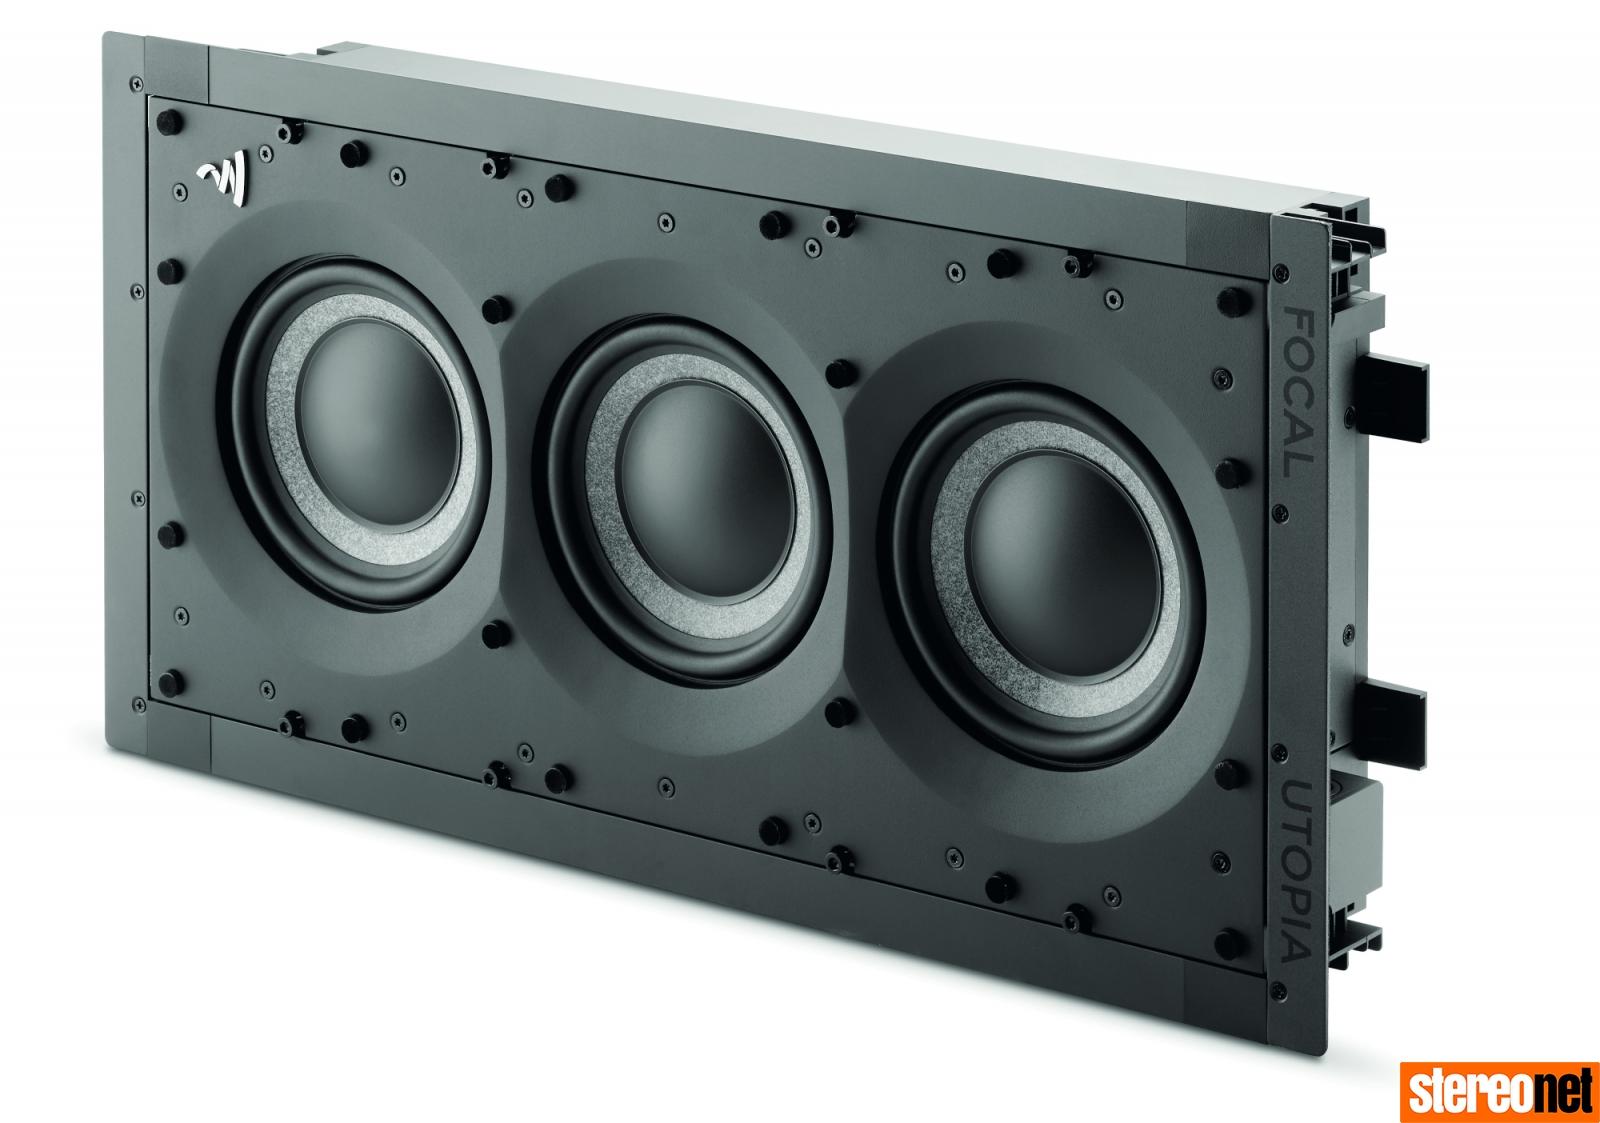 Focal 1000 Series install speakers